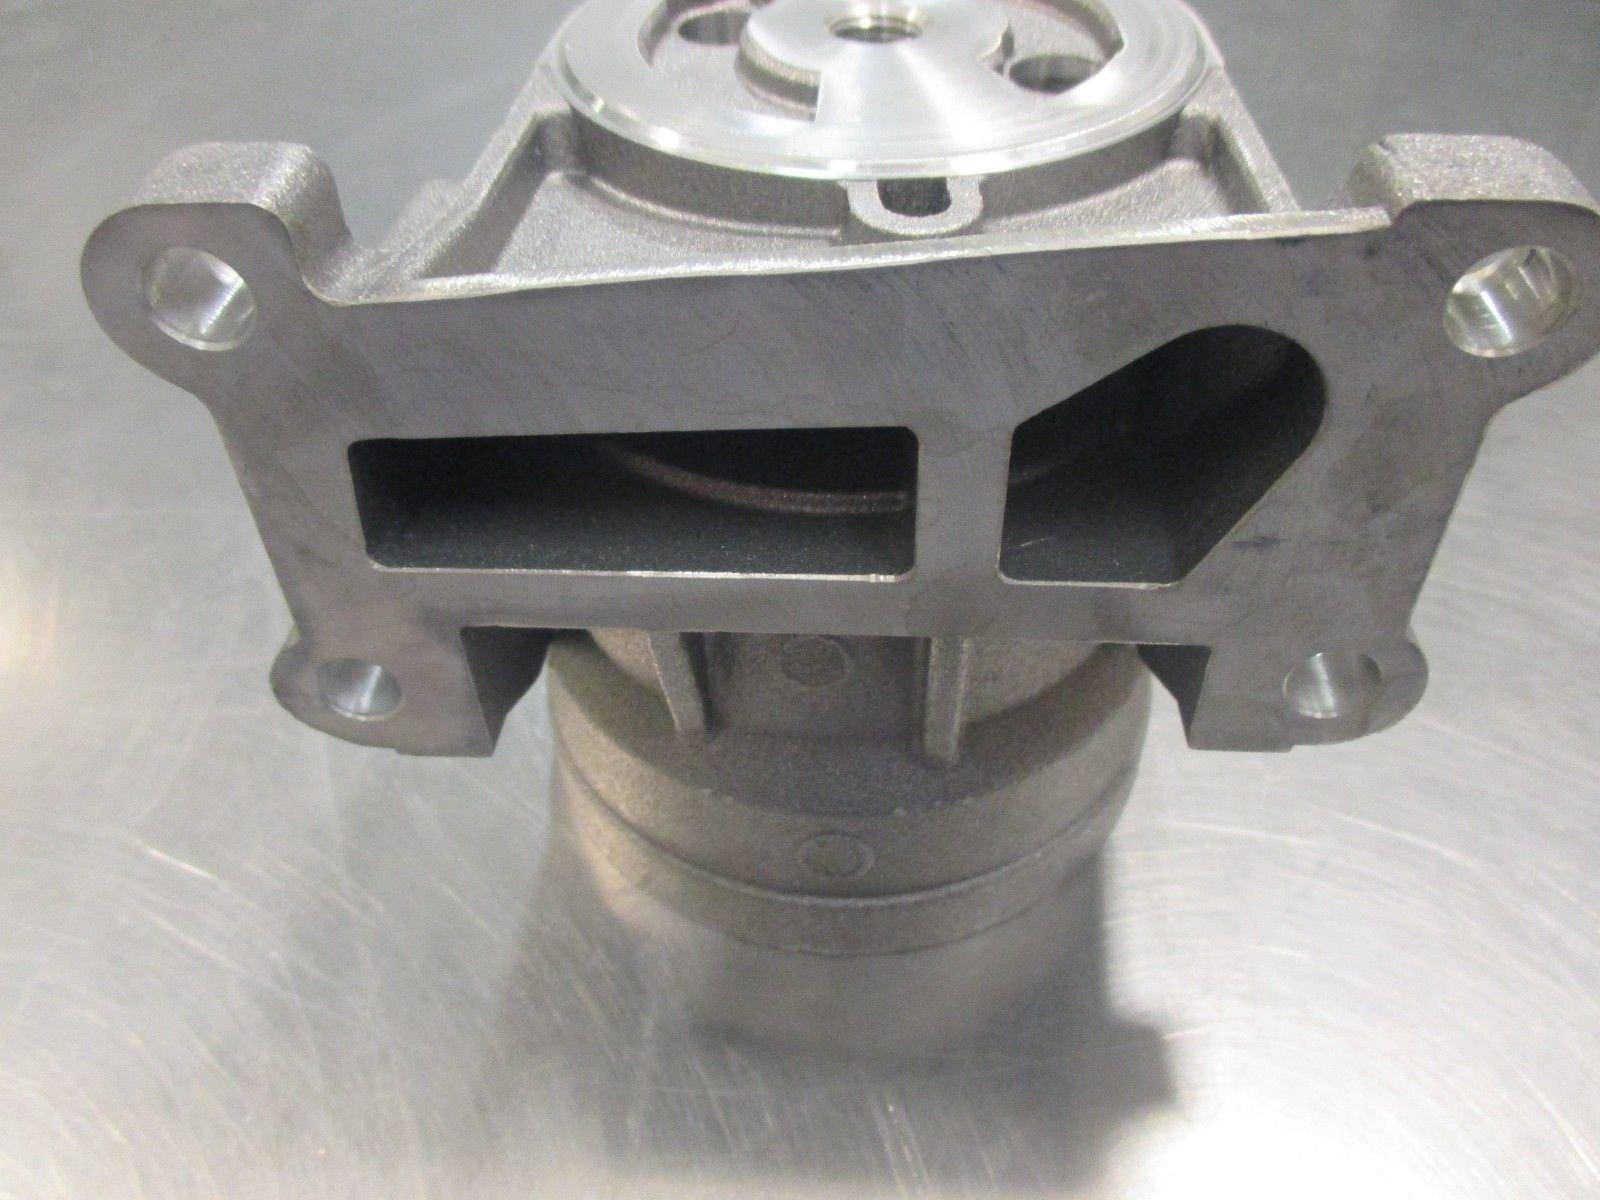 New OEM Mazda oil filter cartige body LF03-14-310A